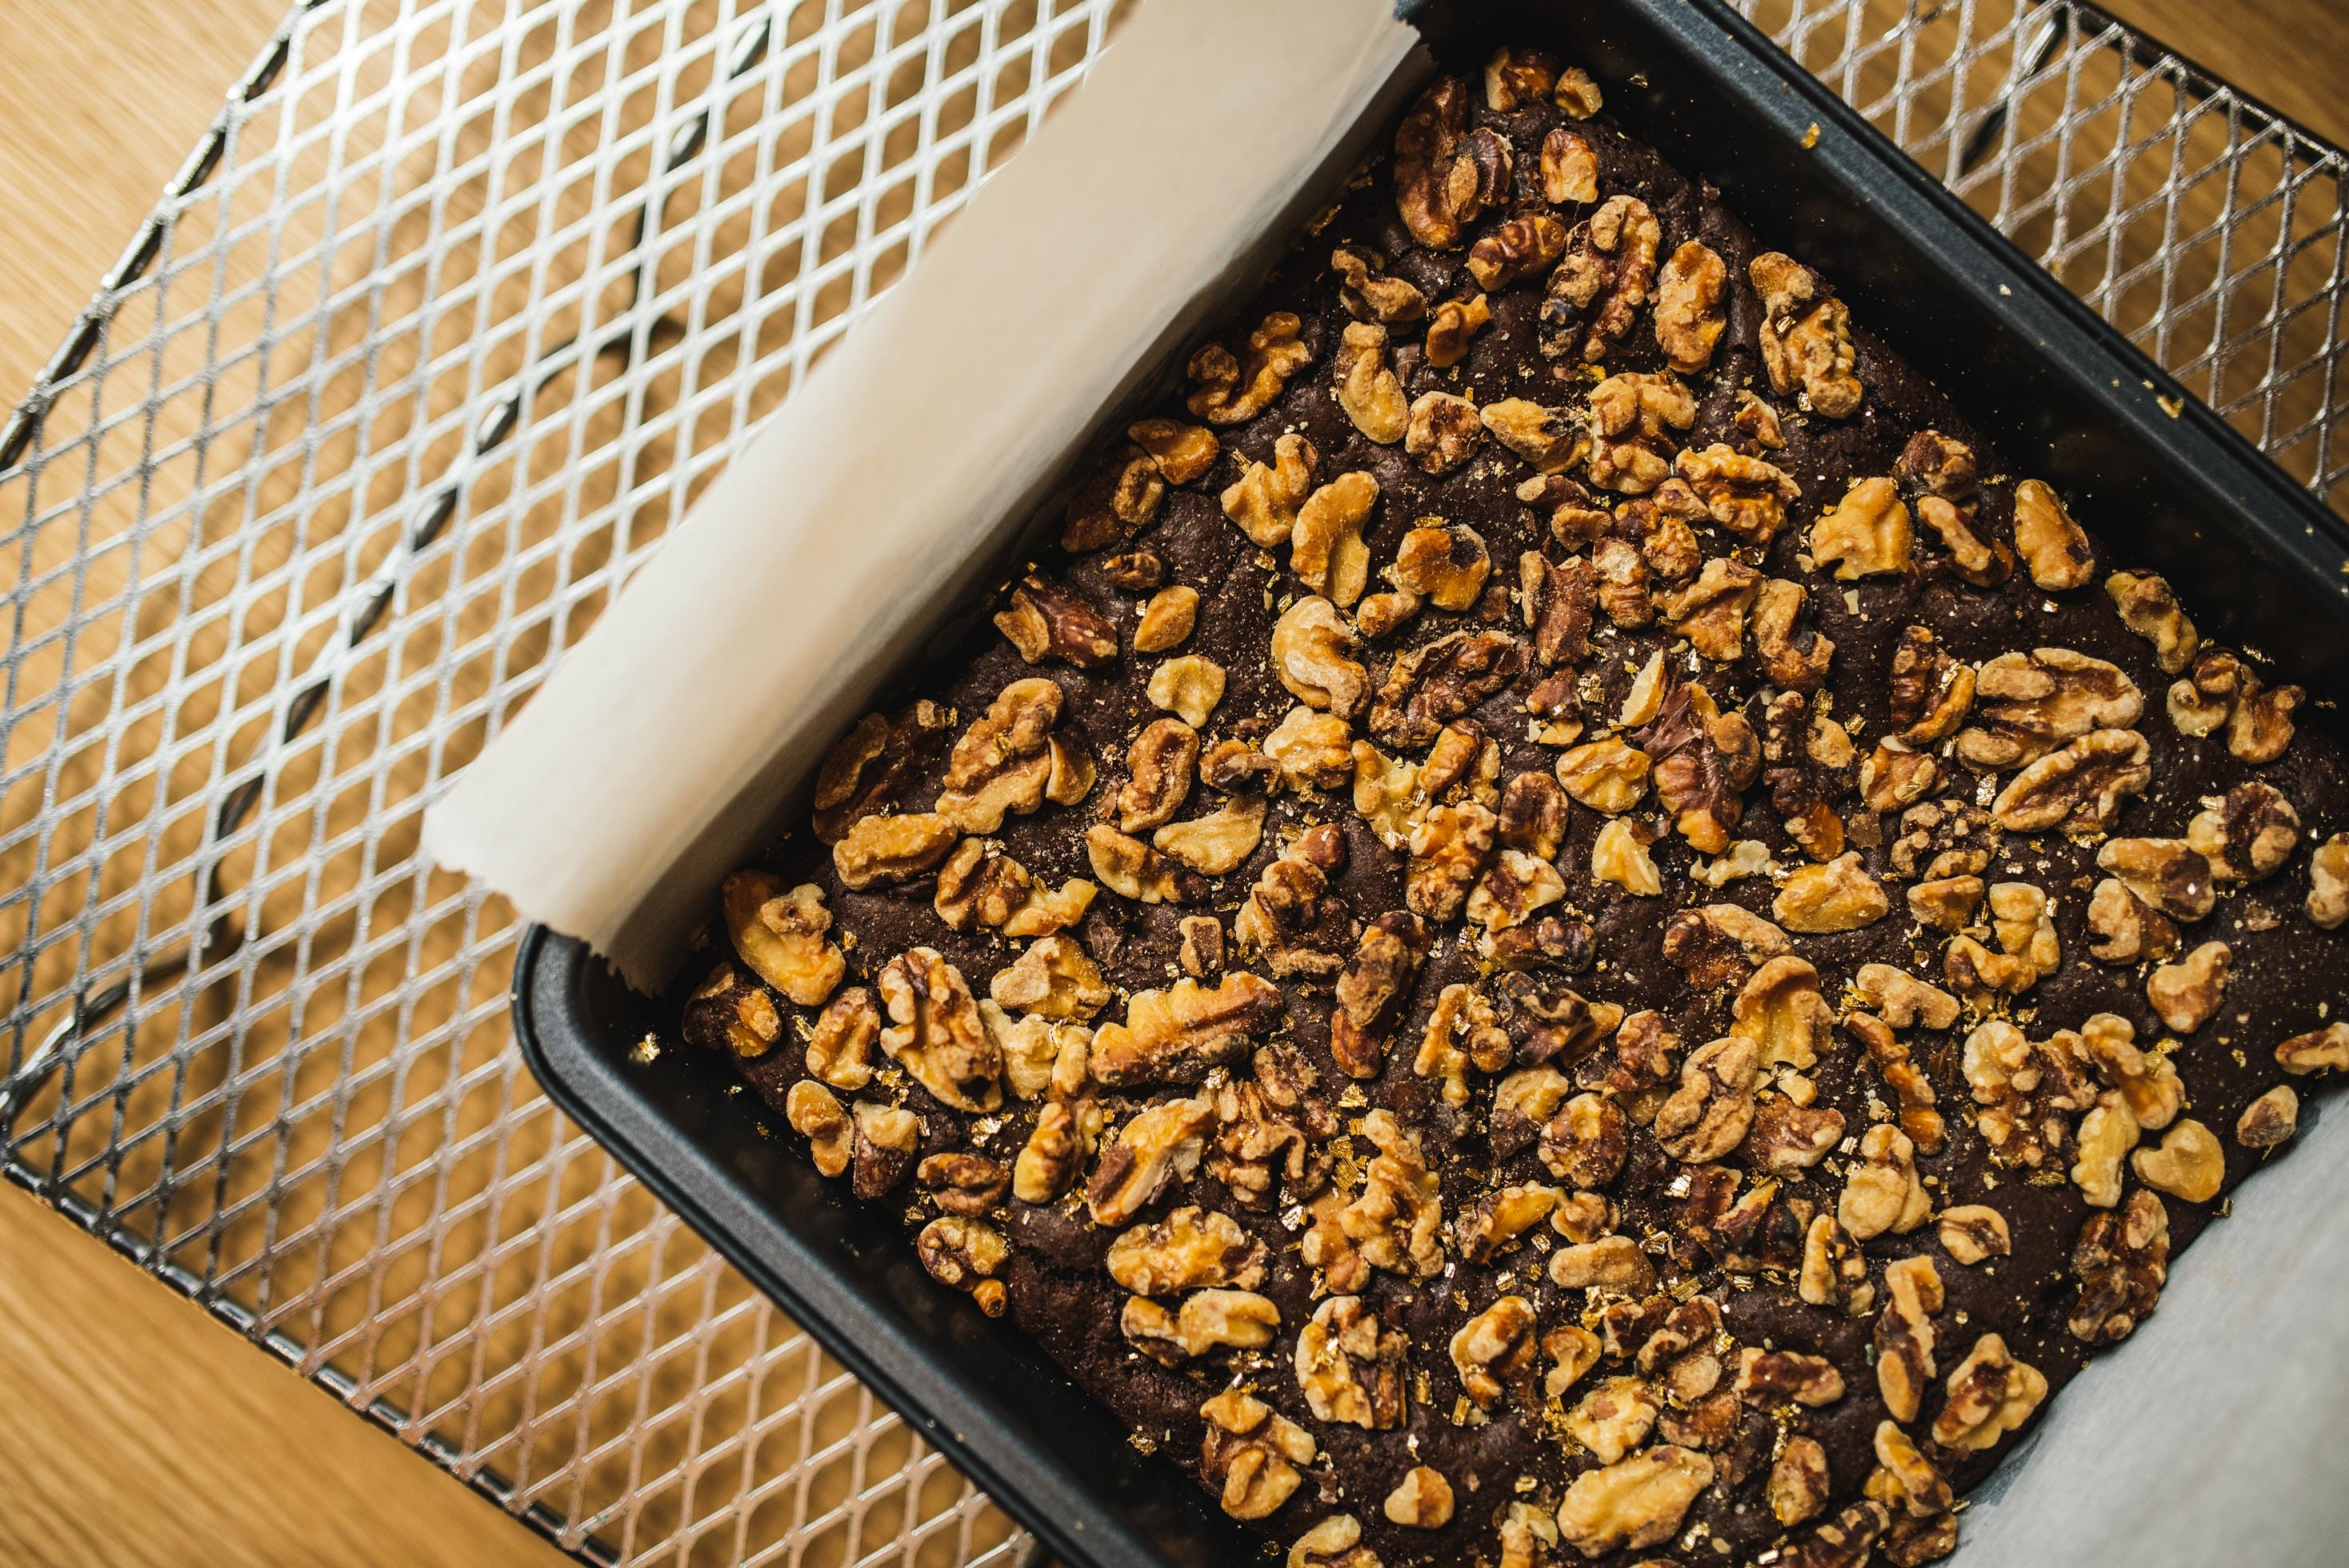 square brown nut cake on black baking pan